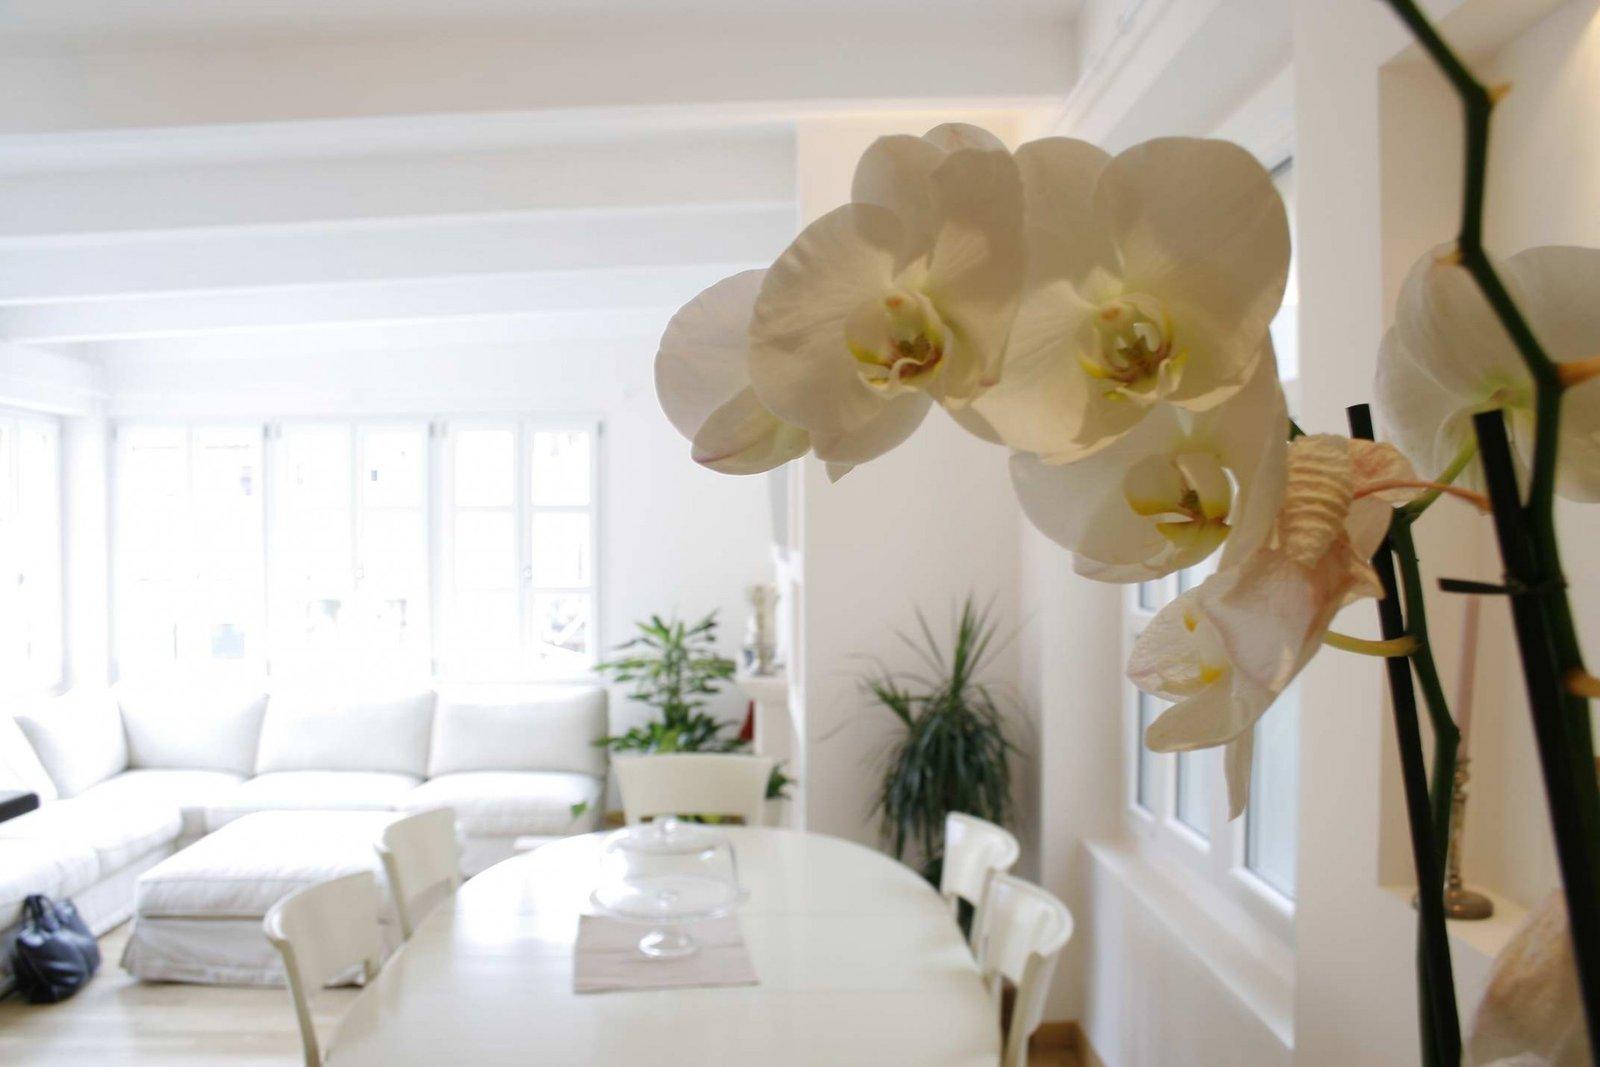 Casa stile classico rp ristrutturazioni e arredamenti - Casa stile classico ...